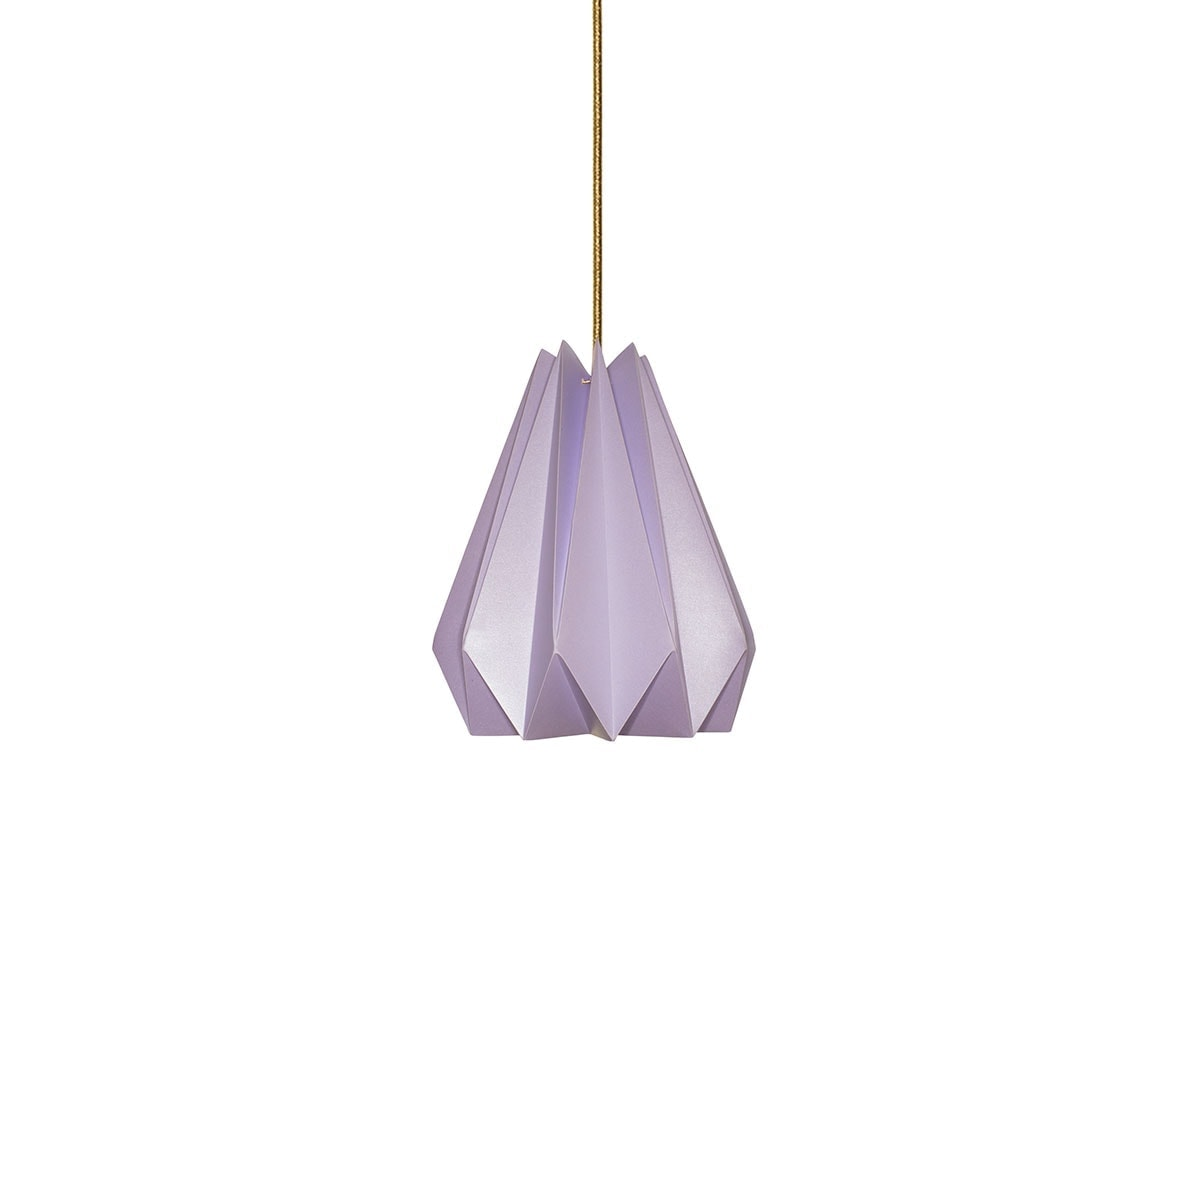 luminária pendente de papel Iluminoo - modelo Pinho (20) - Lilac